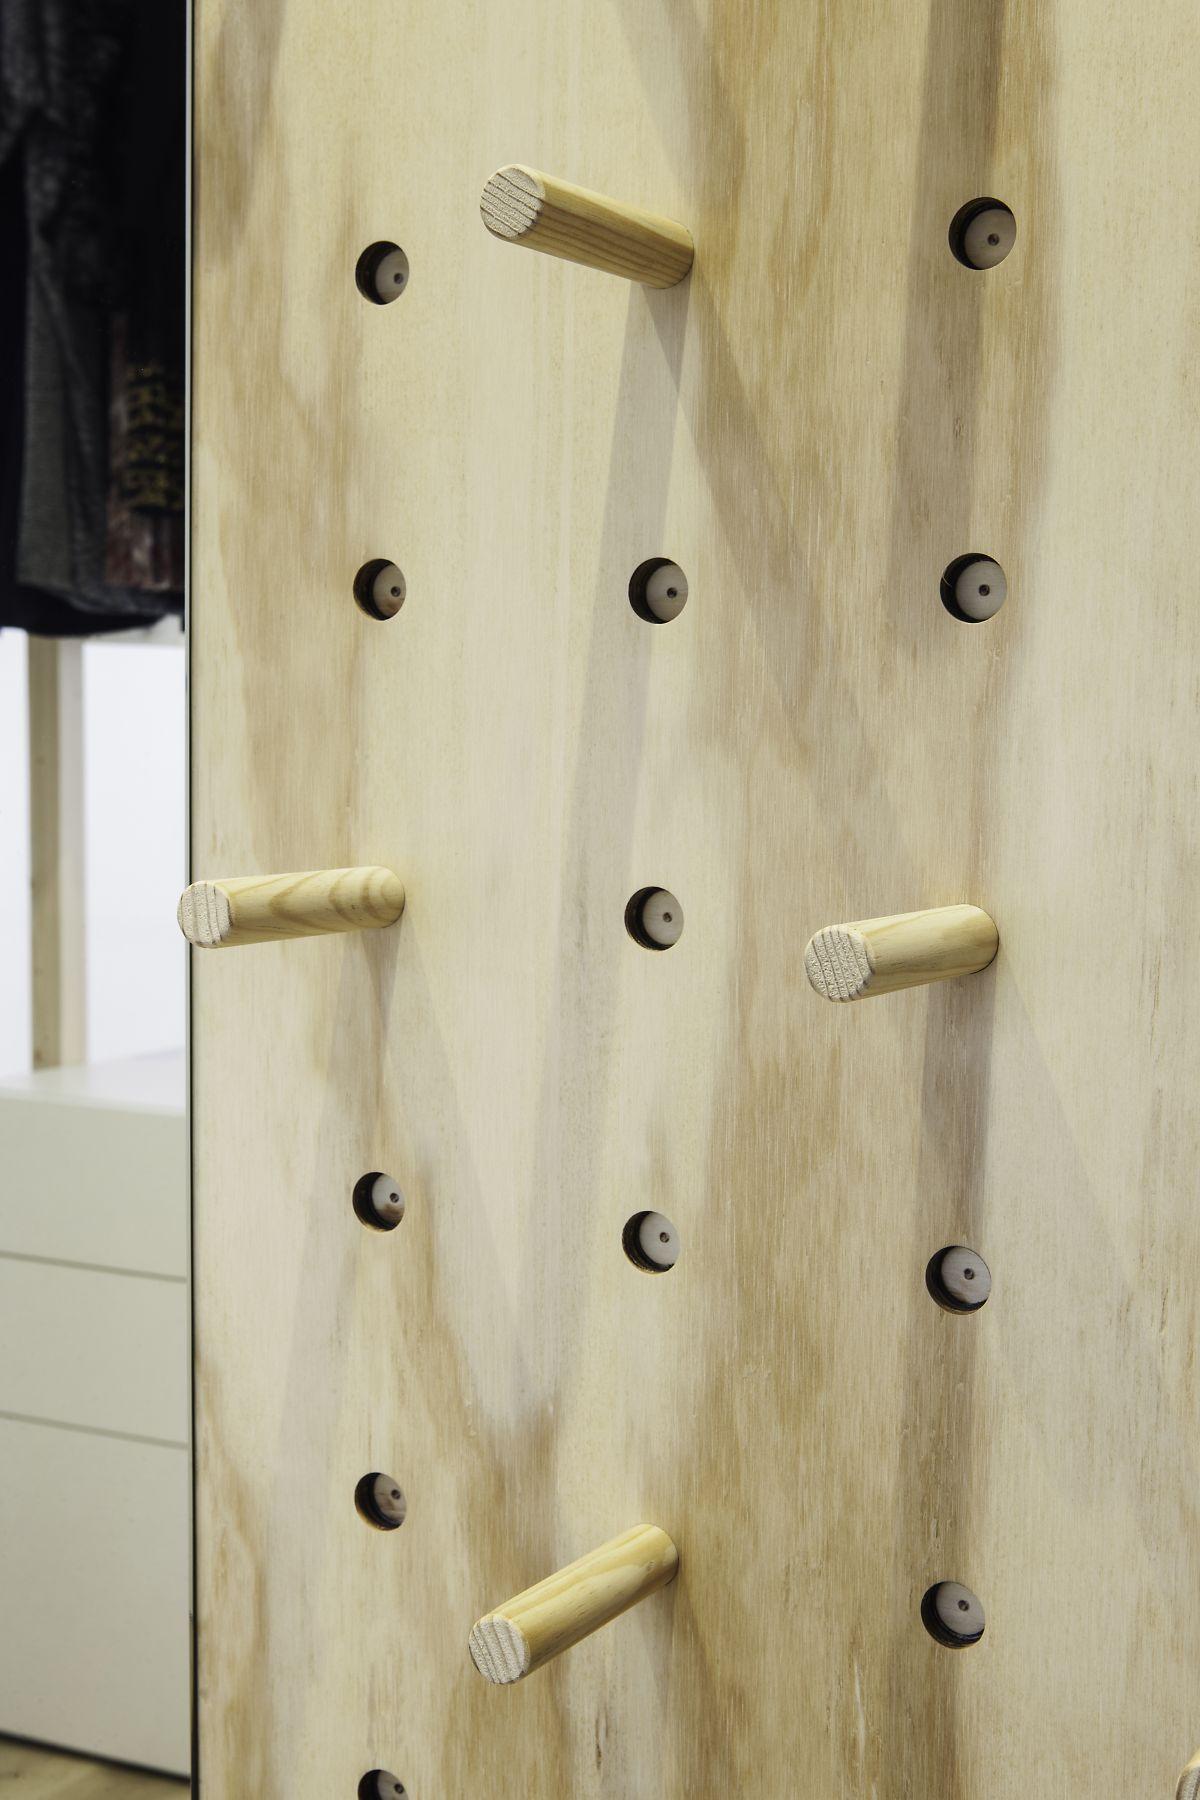 dormitori, a mida, moble, fusta, disseny, càlid, interiorisme, dissenyador, interiorista, vestidor, interior, arquitectura